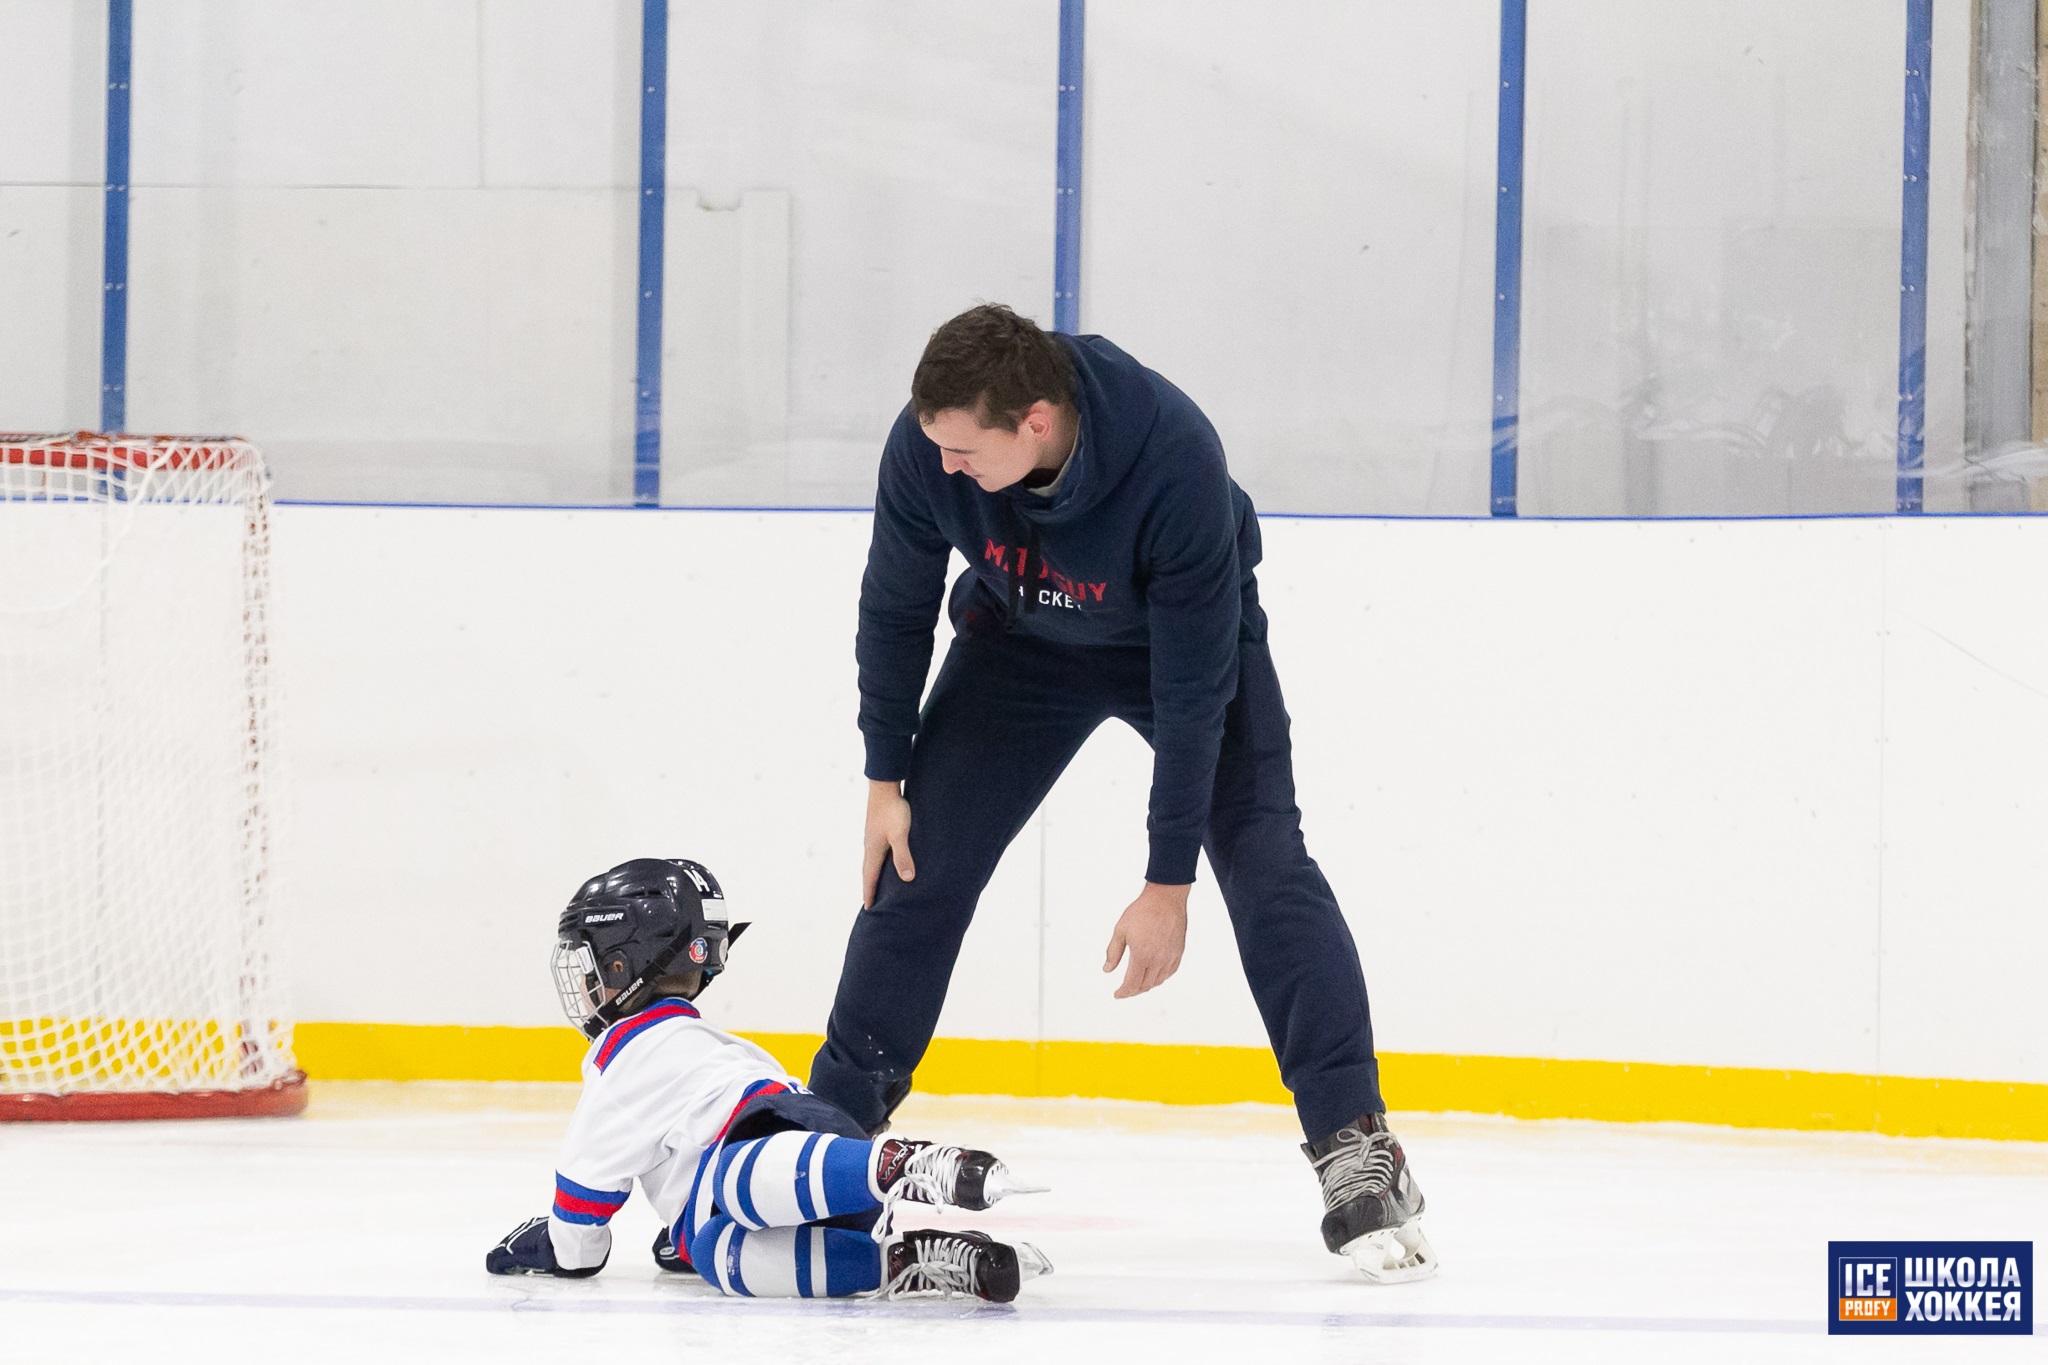 Тренировка с ребенком на льду